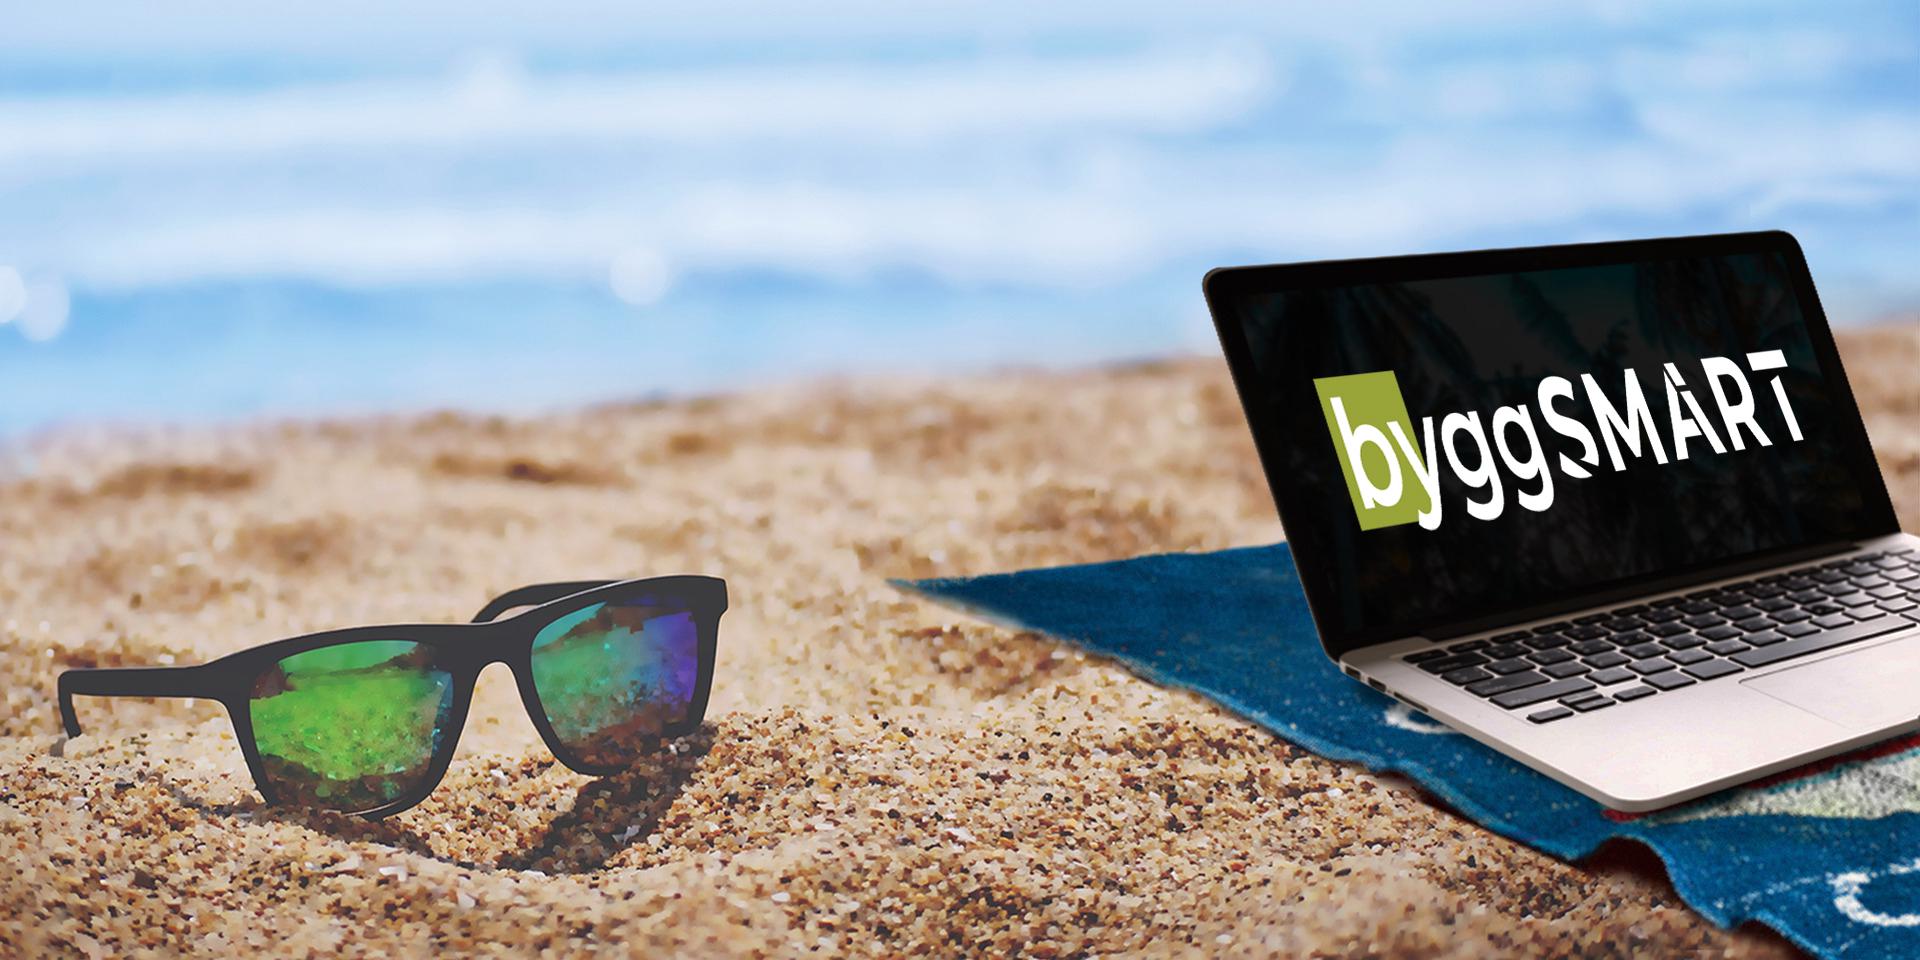 ByggSMART-tallenteita voi katsoa vaikka rannalla